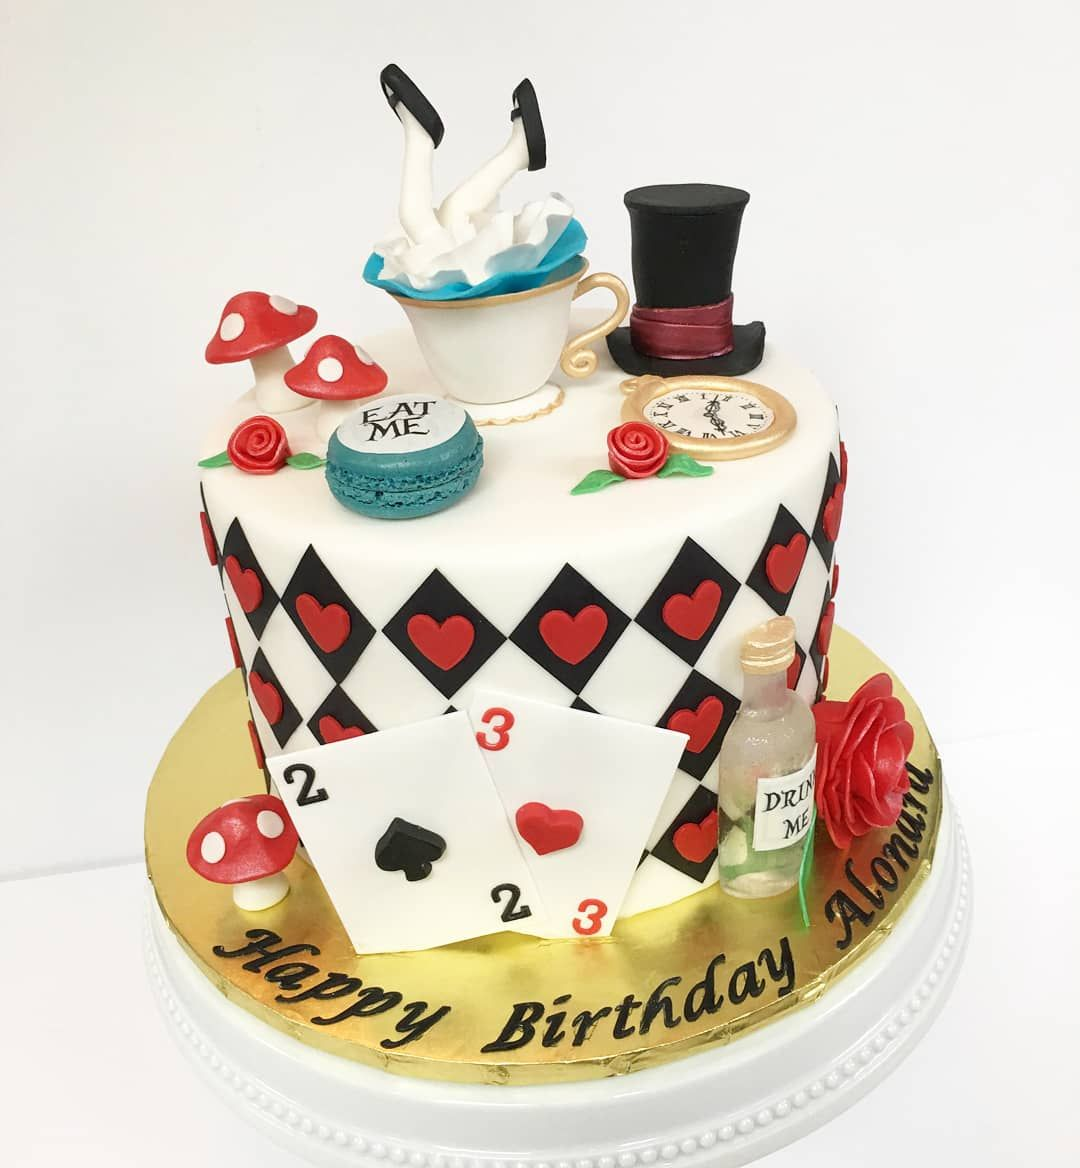 [I Ate] Alice In Wonderland Birthday Cake